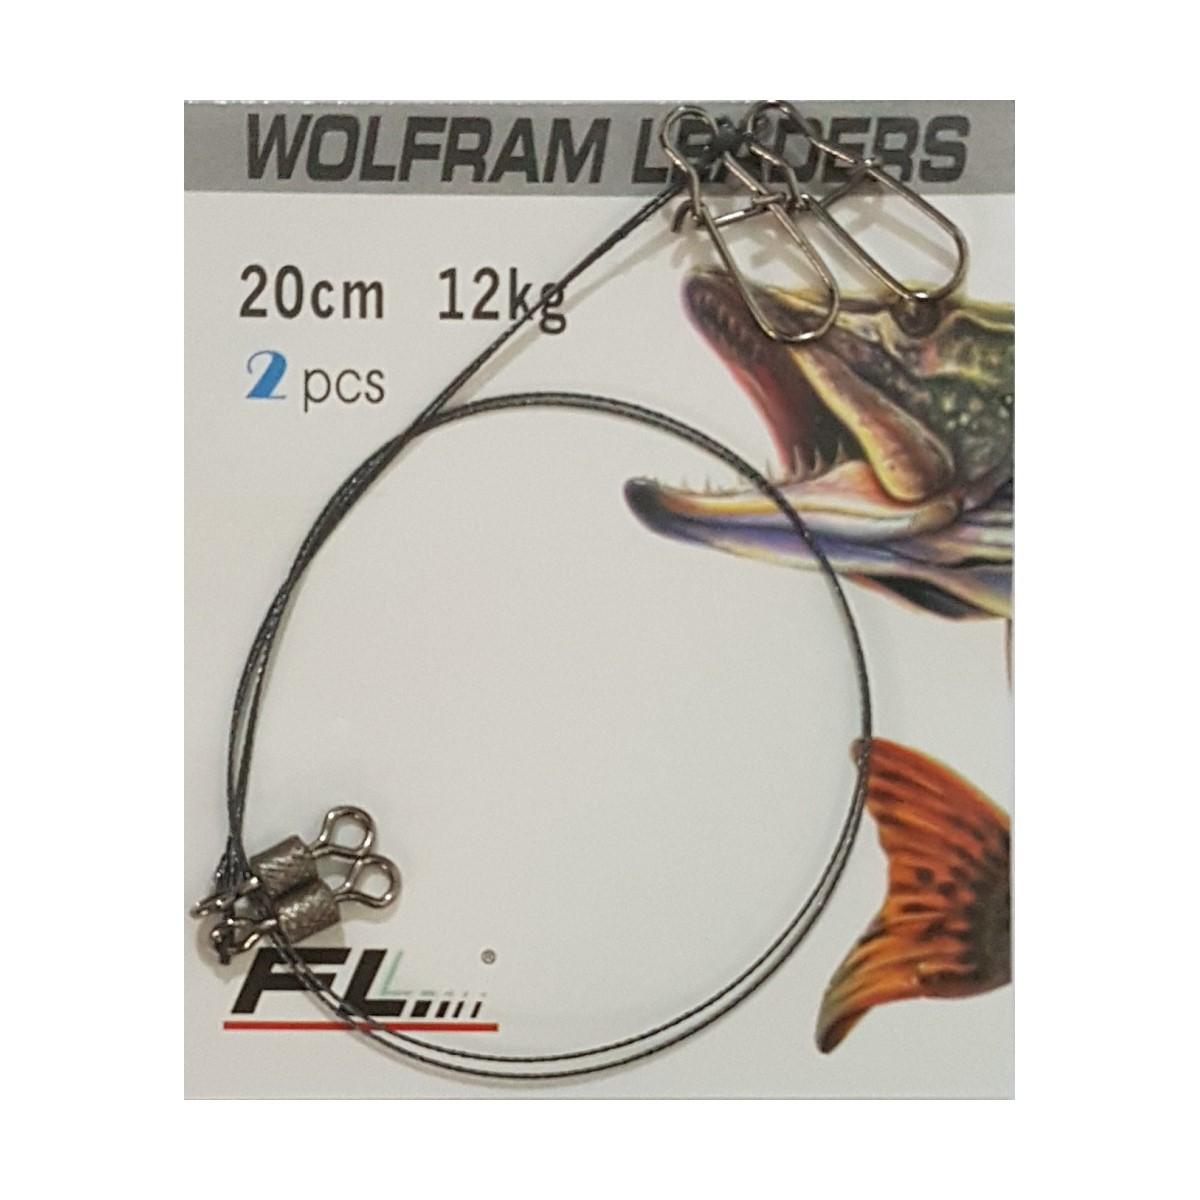 Повод волфрамов FL Wolfram Leaders 20cm